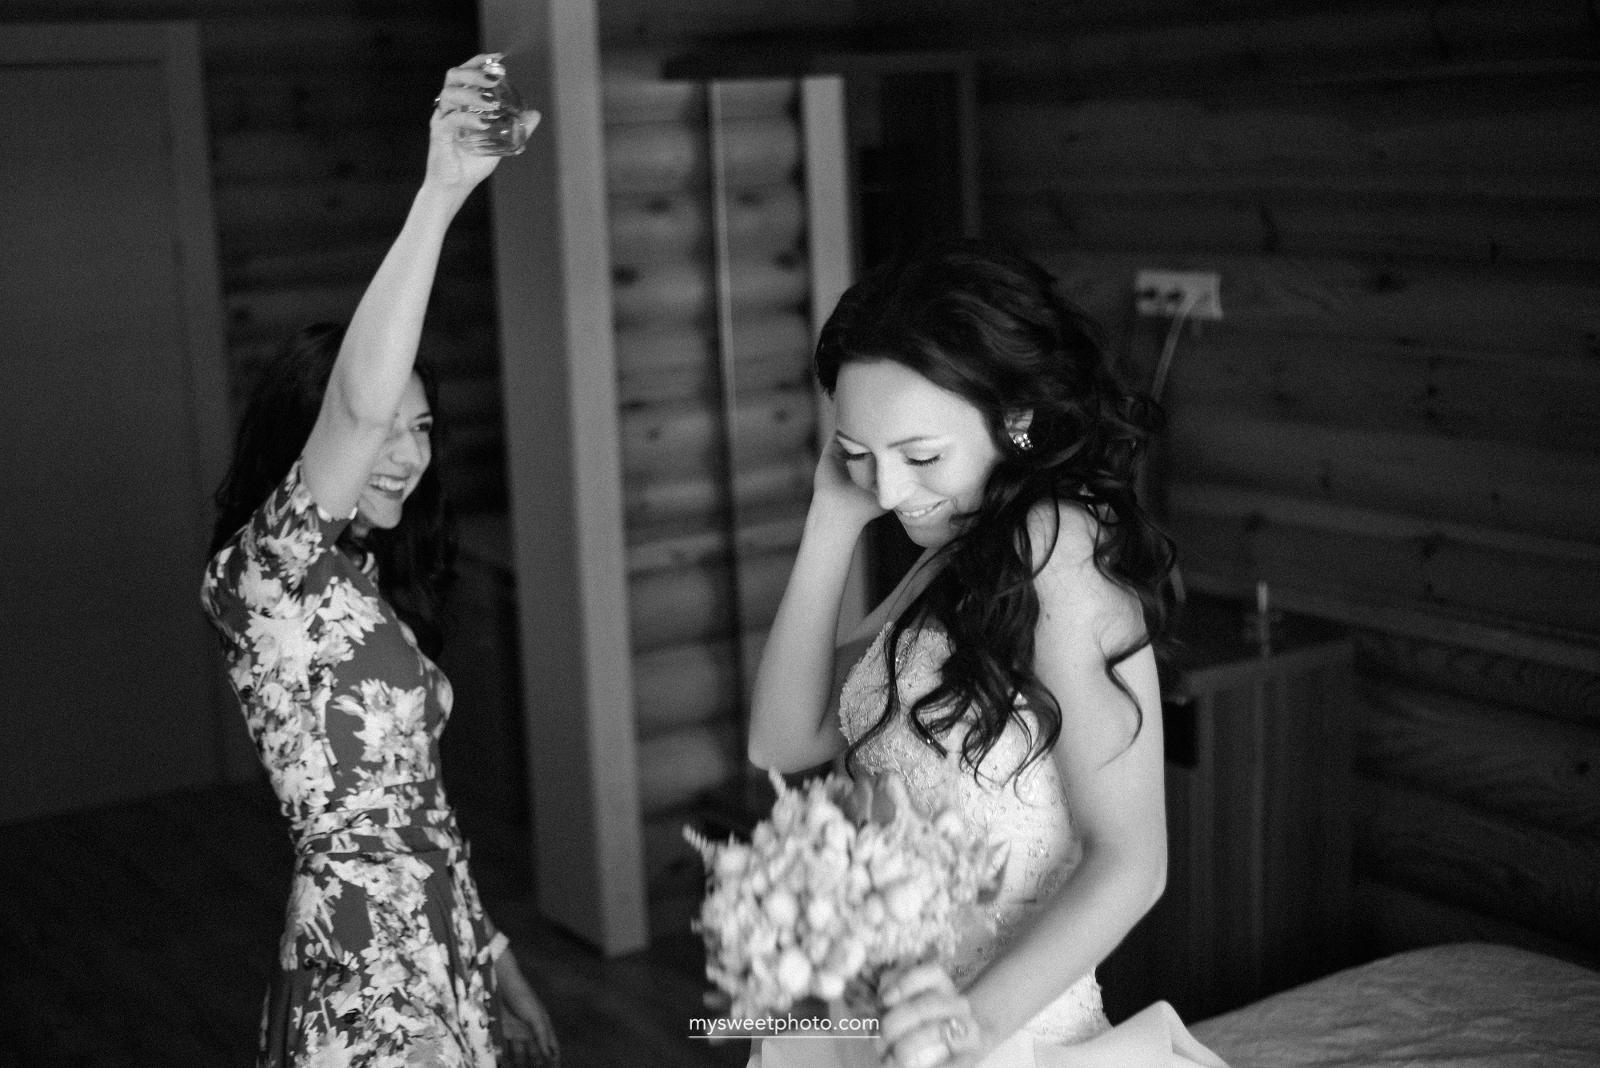   свадебный фотограф киев   фотограф на свадьбу киев   свадебная фотосессия киев   свадьба фото киев   свадебный фотограф украина   услуги свадебного фотографа киев   красивая свадьба киев  